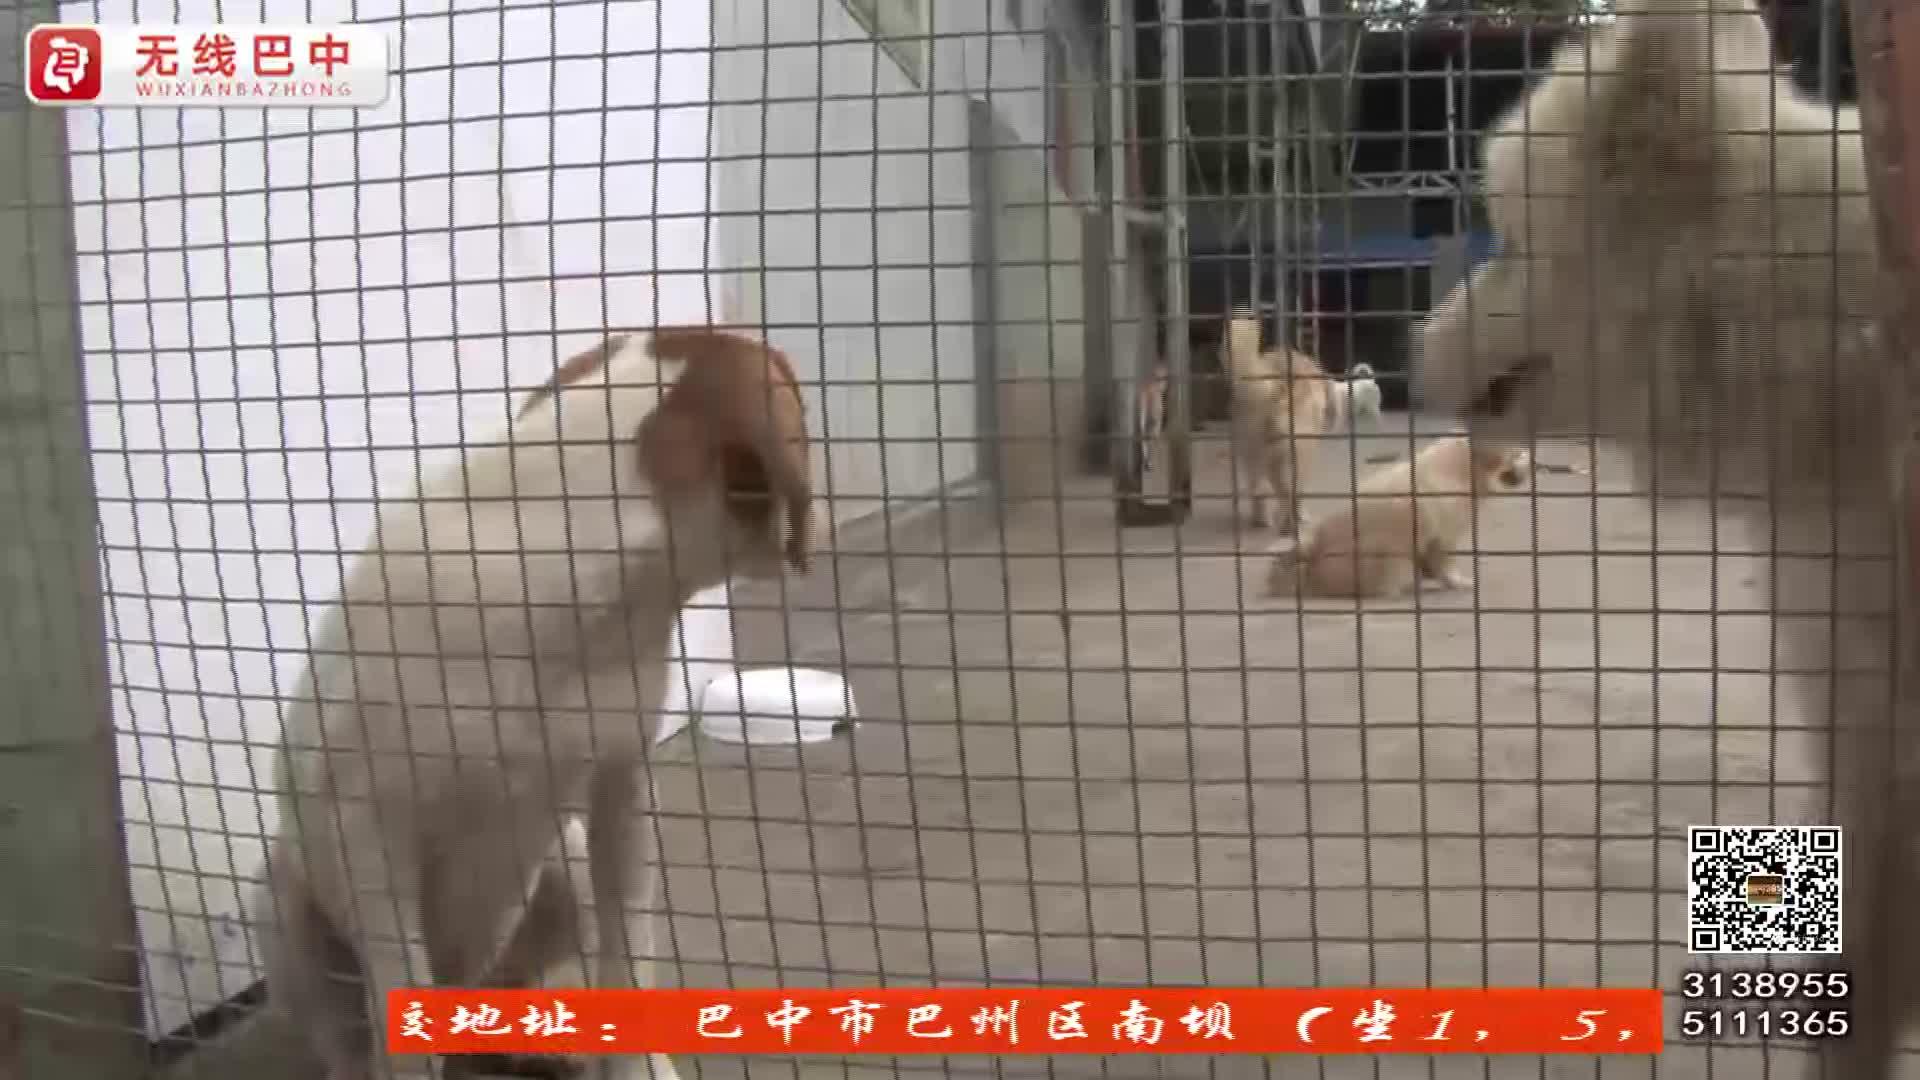 市流浪动物救助中心:两年救助200多只猫狗 ?呼吁市民领养代替购买